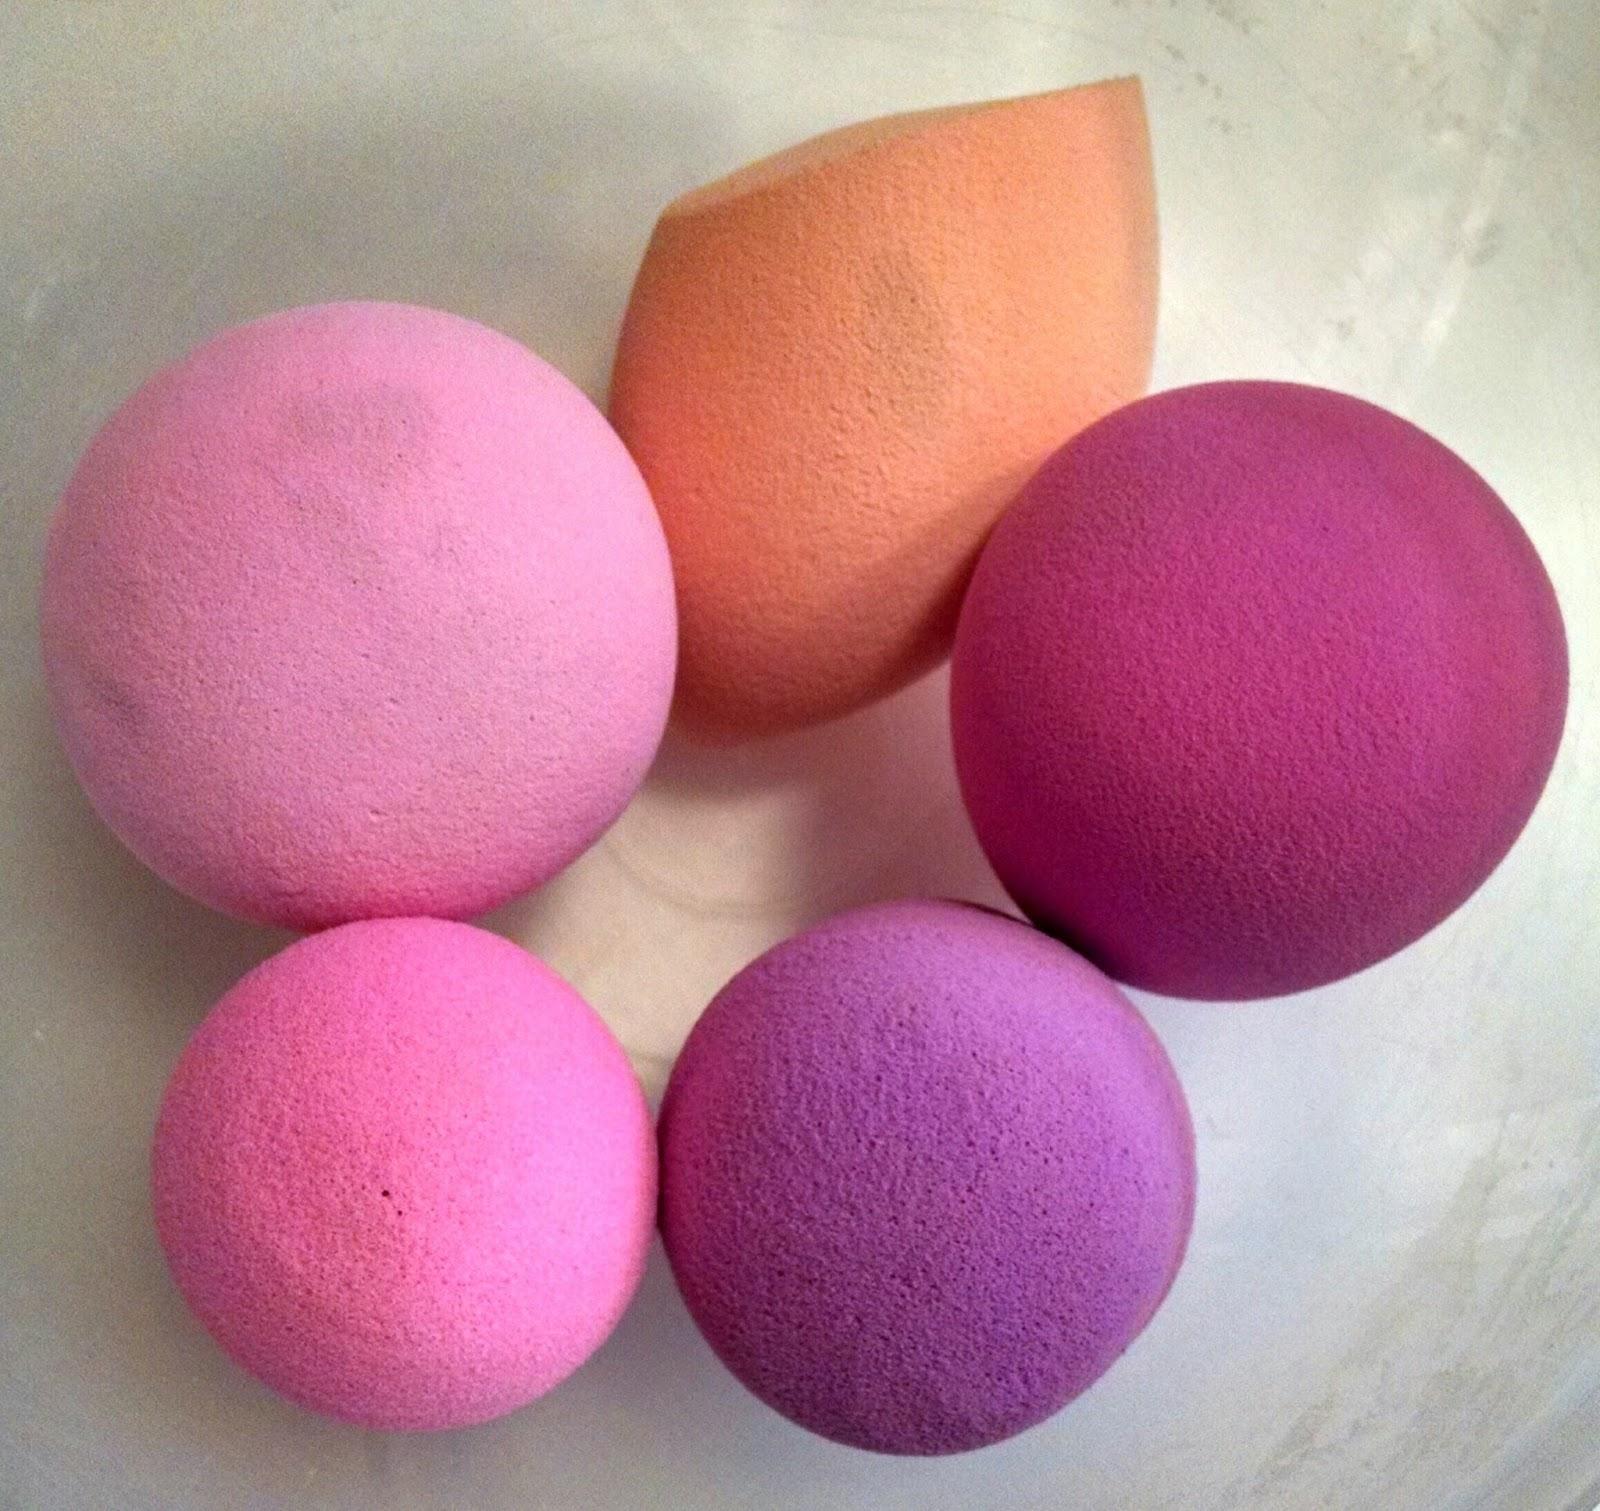 Ramblings Makeup Blending Sponge Test Can We Find A Beauty Blender Dupe